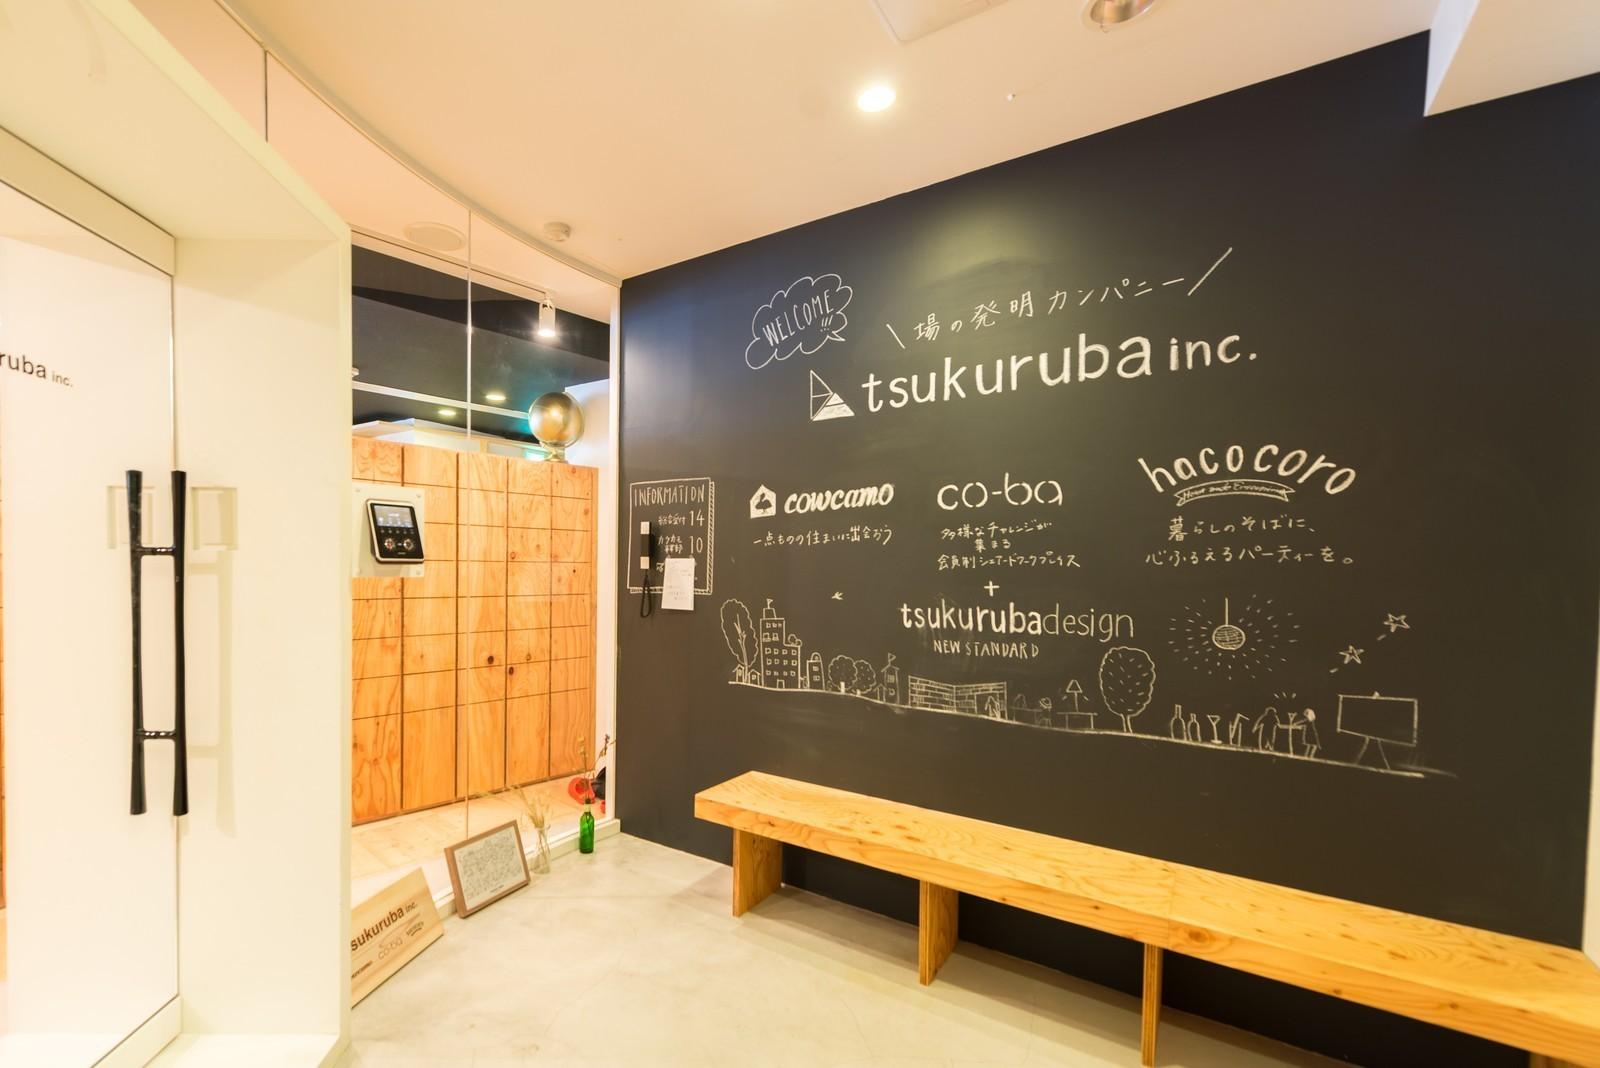 【JS/React】「1点もの」の住まいに出会える、リノベーション住宅のオンラインマーケット『cowcamo』がフロントエンジニアを募集!